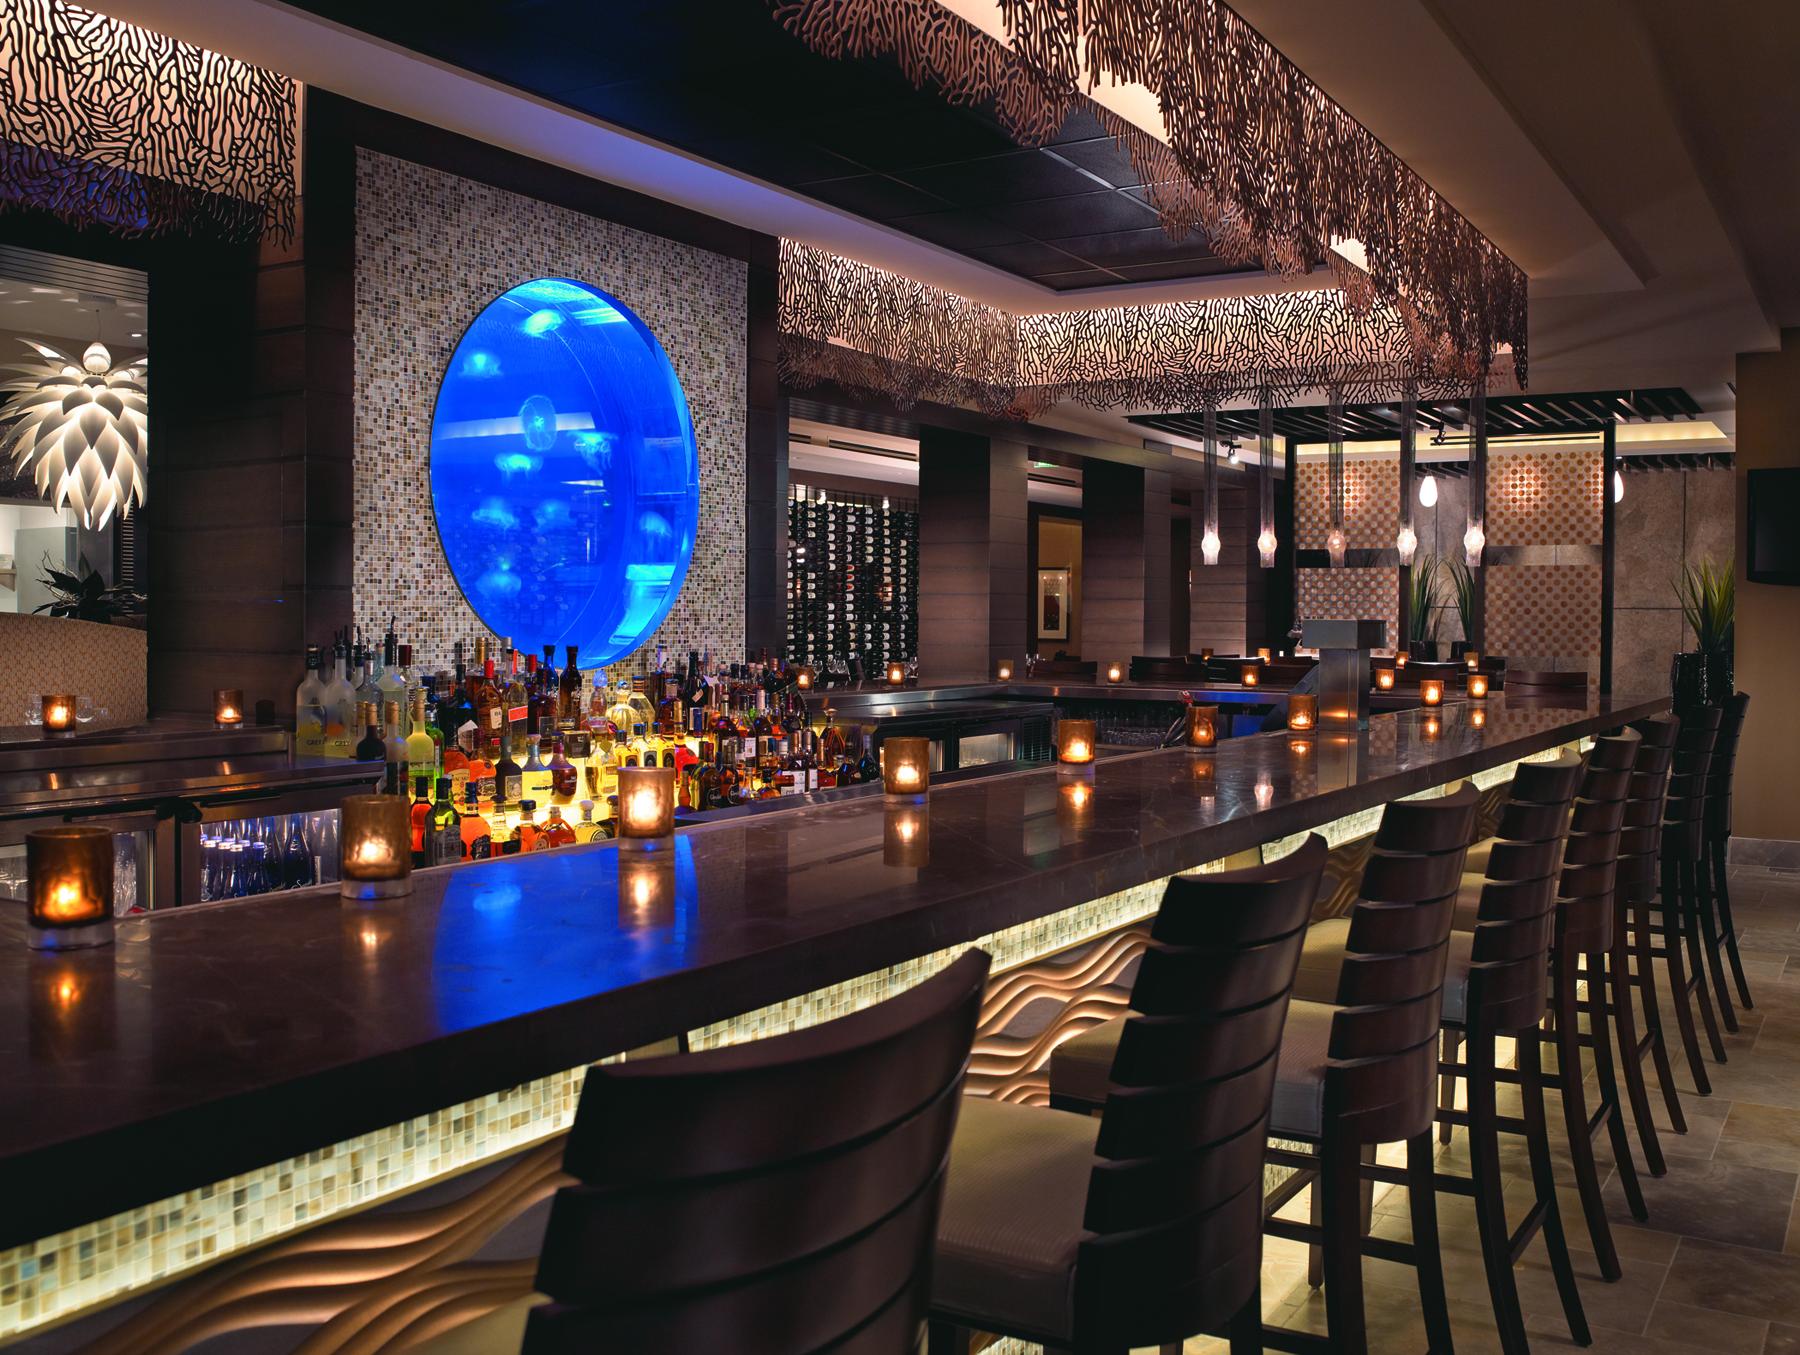 Seagate Hotel, Delray Beach, FL   Sea Fan pattern, backlit bar crown